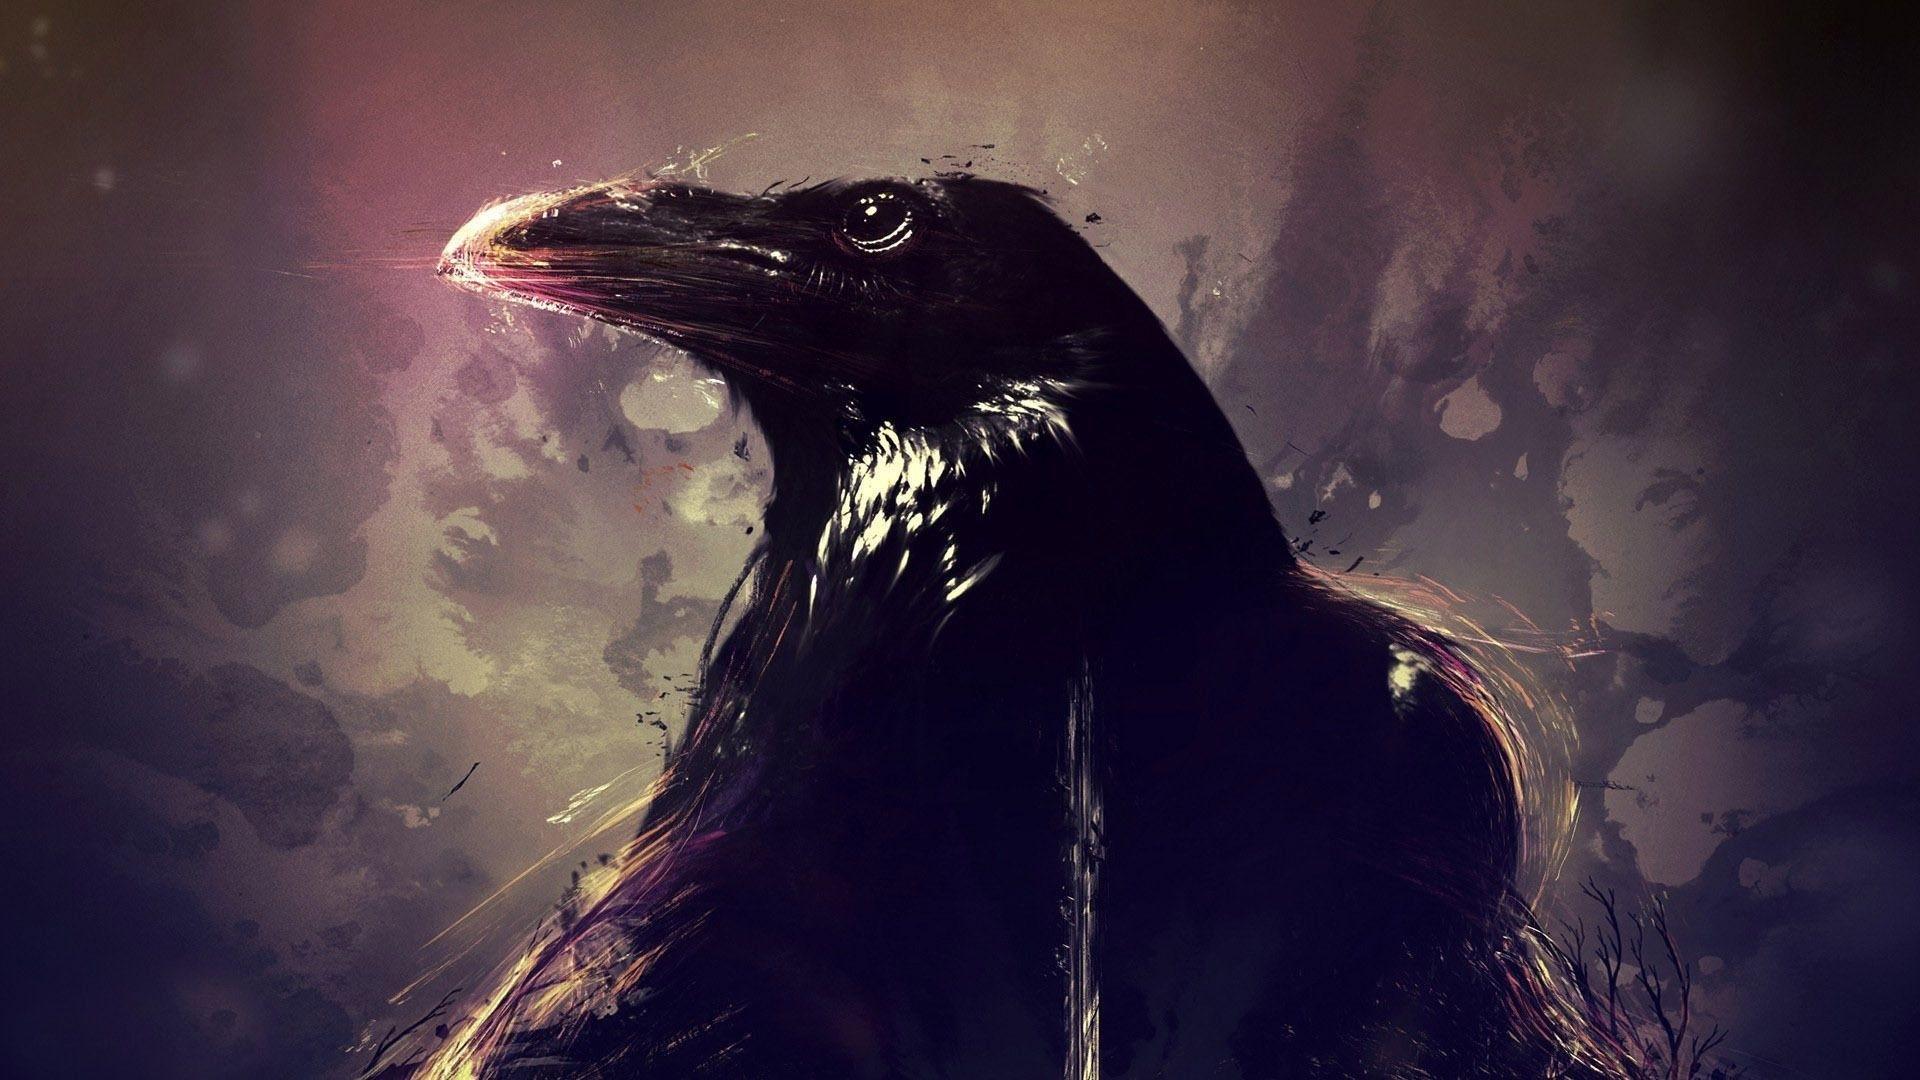 Raven Desktop Wallpaper